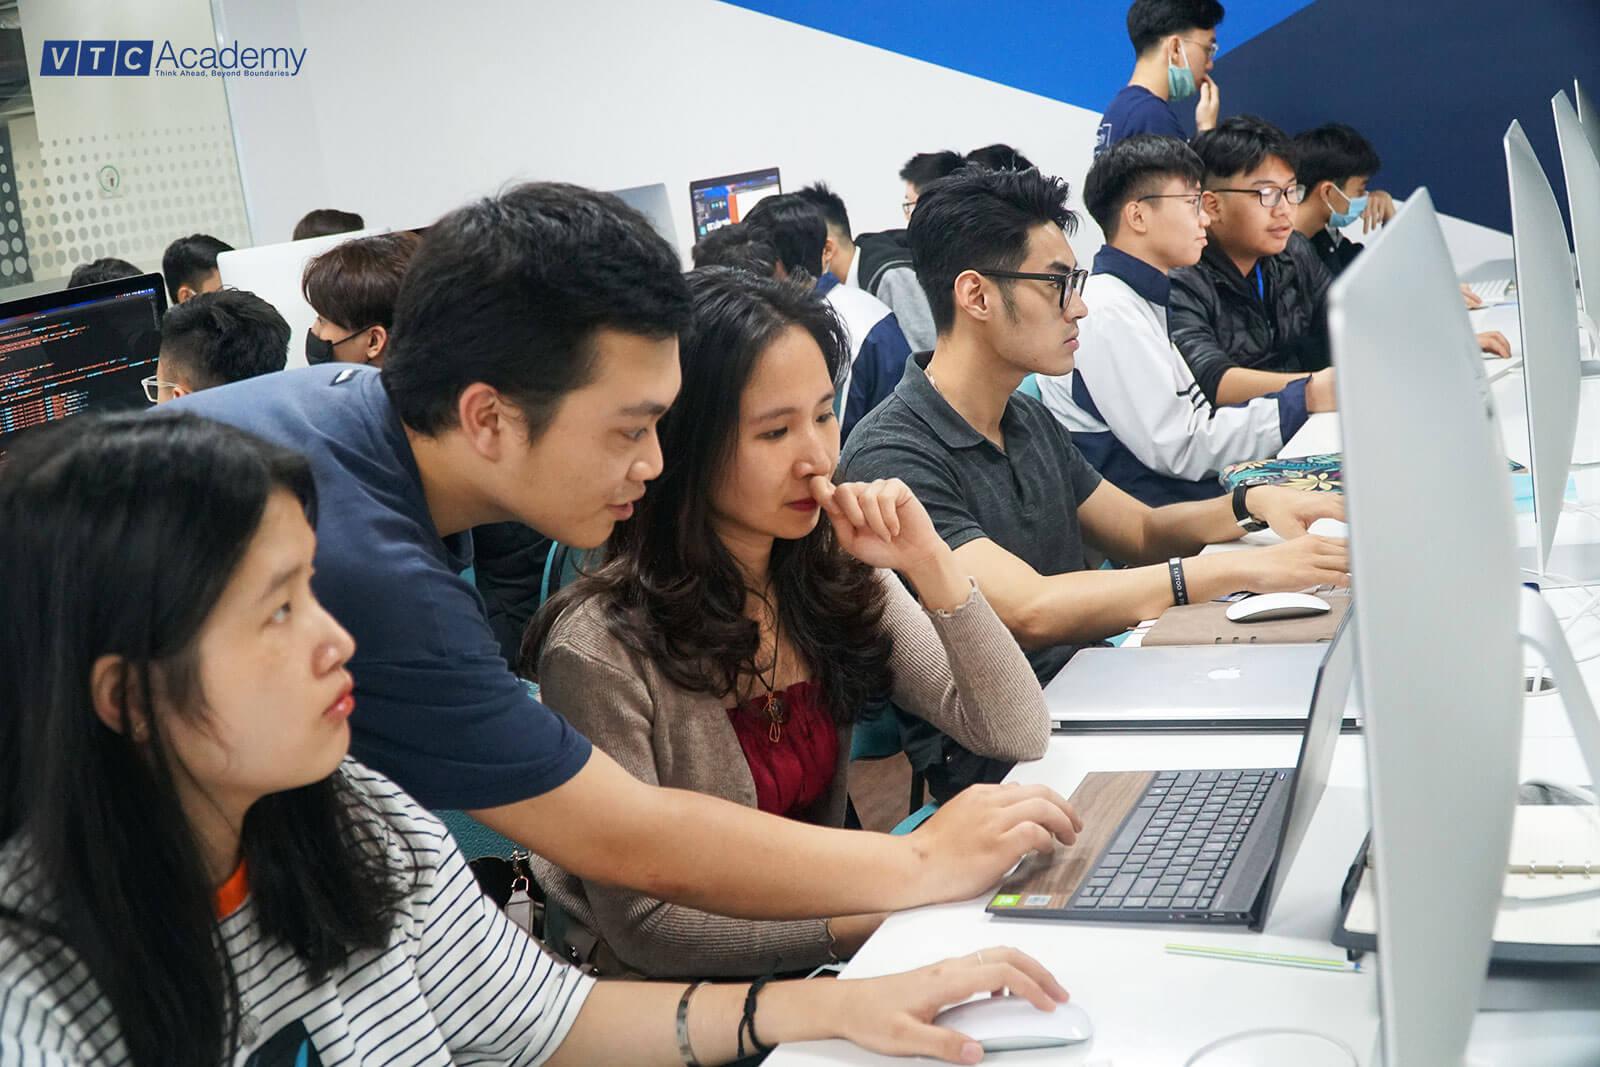 VTC Academy tổ chức nhiều hoạt động tìm hiểu về lập trình và thiết kế trong tháng 03/2021